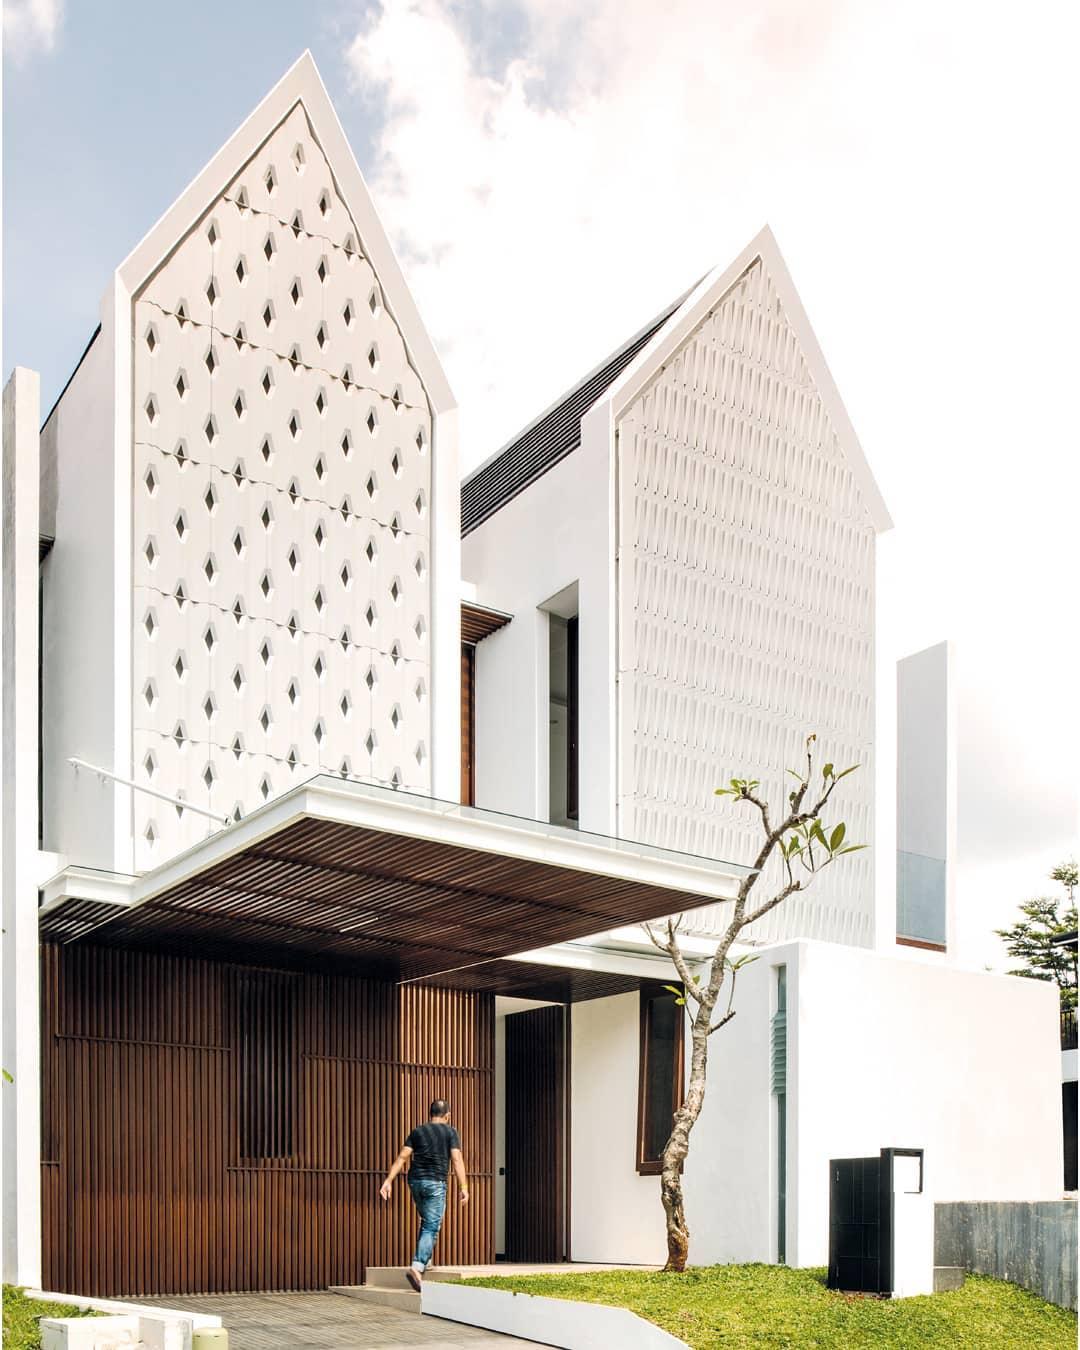 7 Model Kanopi Minimalis Terbaru Untuk Teras Rumah Casaindonesia Com